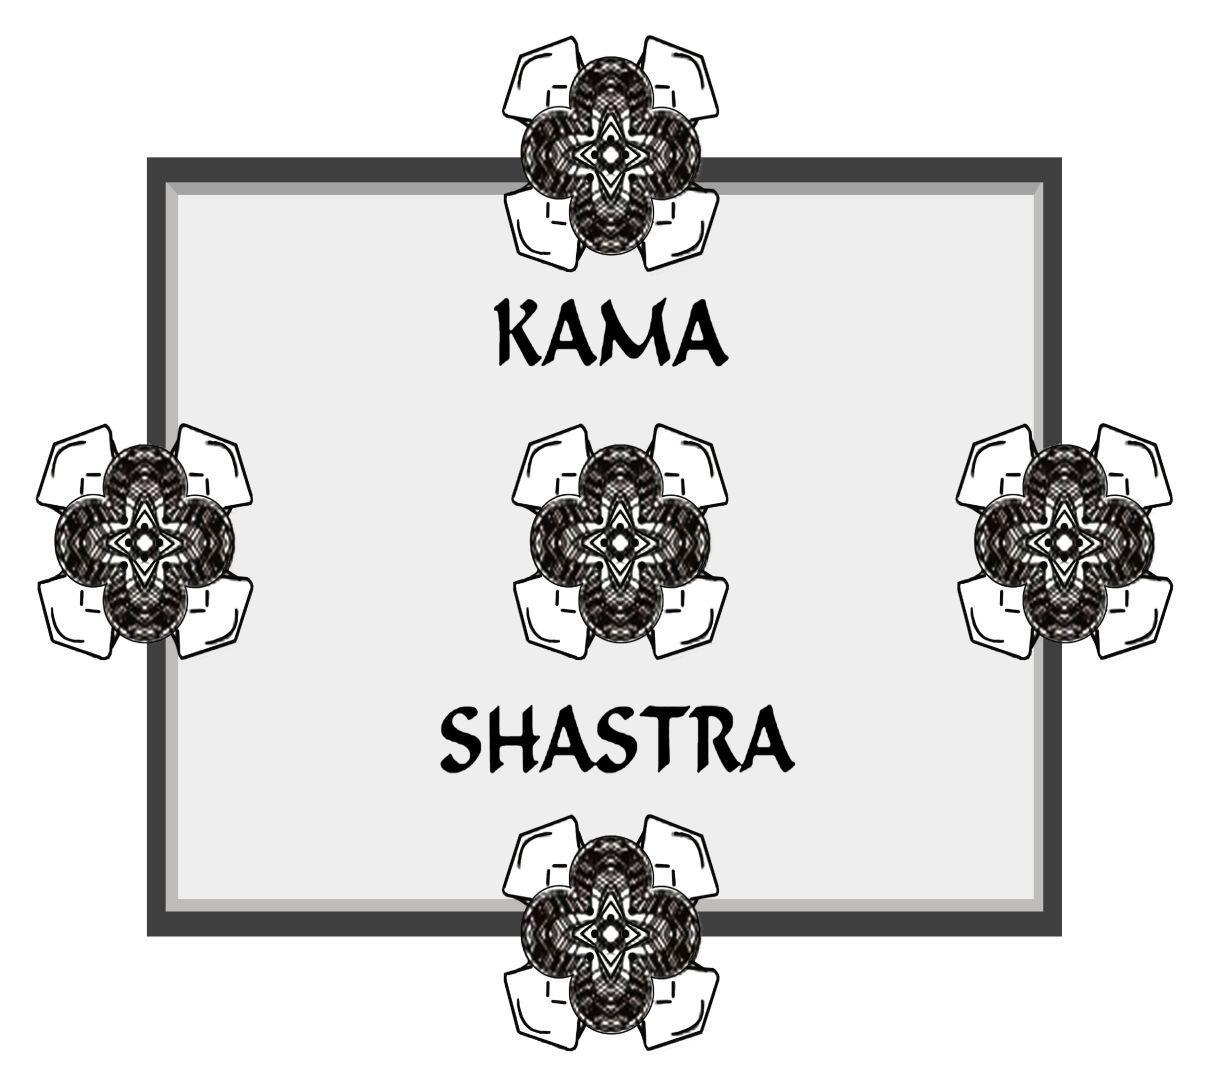 Kamashastra